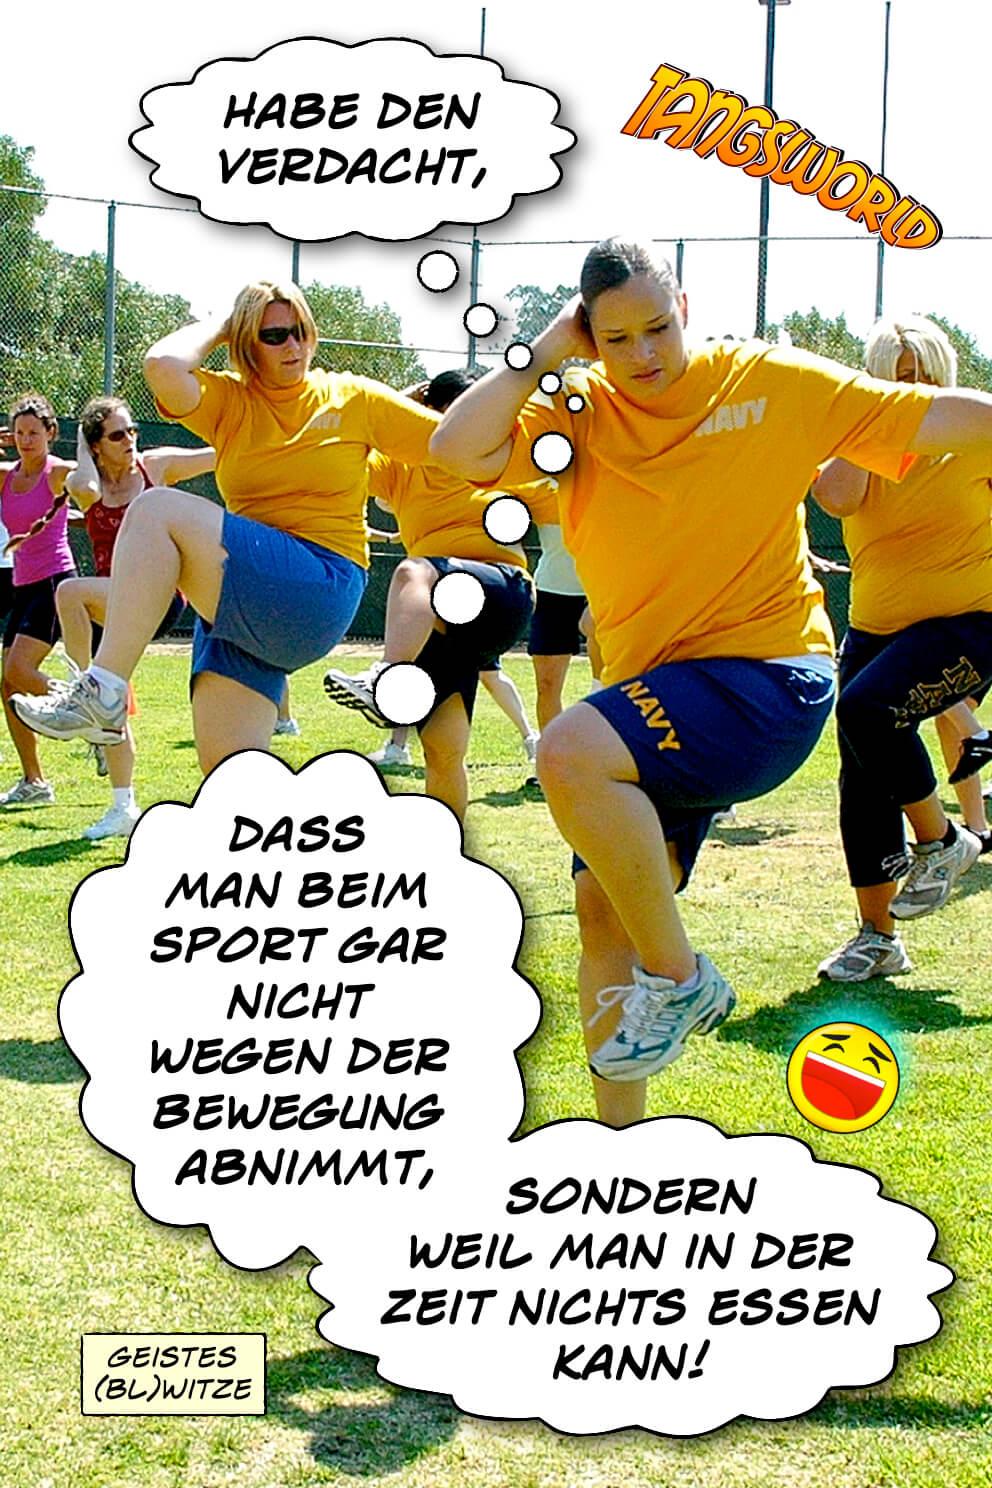 Habe den Verdacht, dass man beim Sport gar nicht wegen der Bewegung abnimmt, sondern weil man in der Zeit nichts essen kann. - Geistes(bl)witze